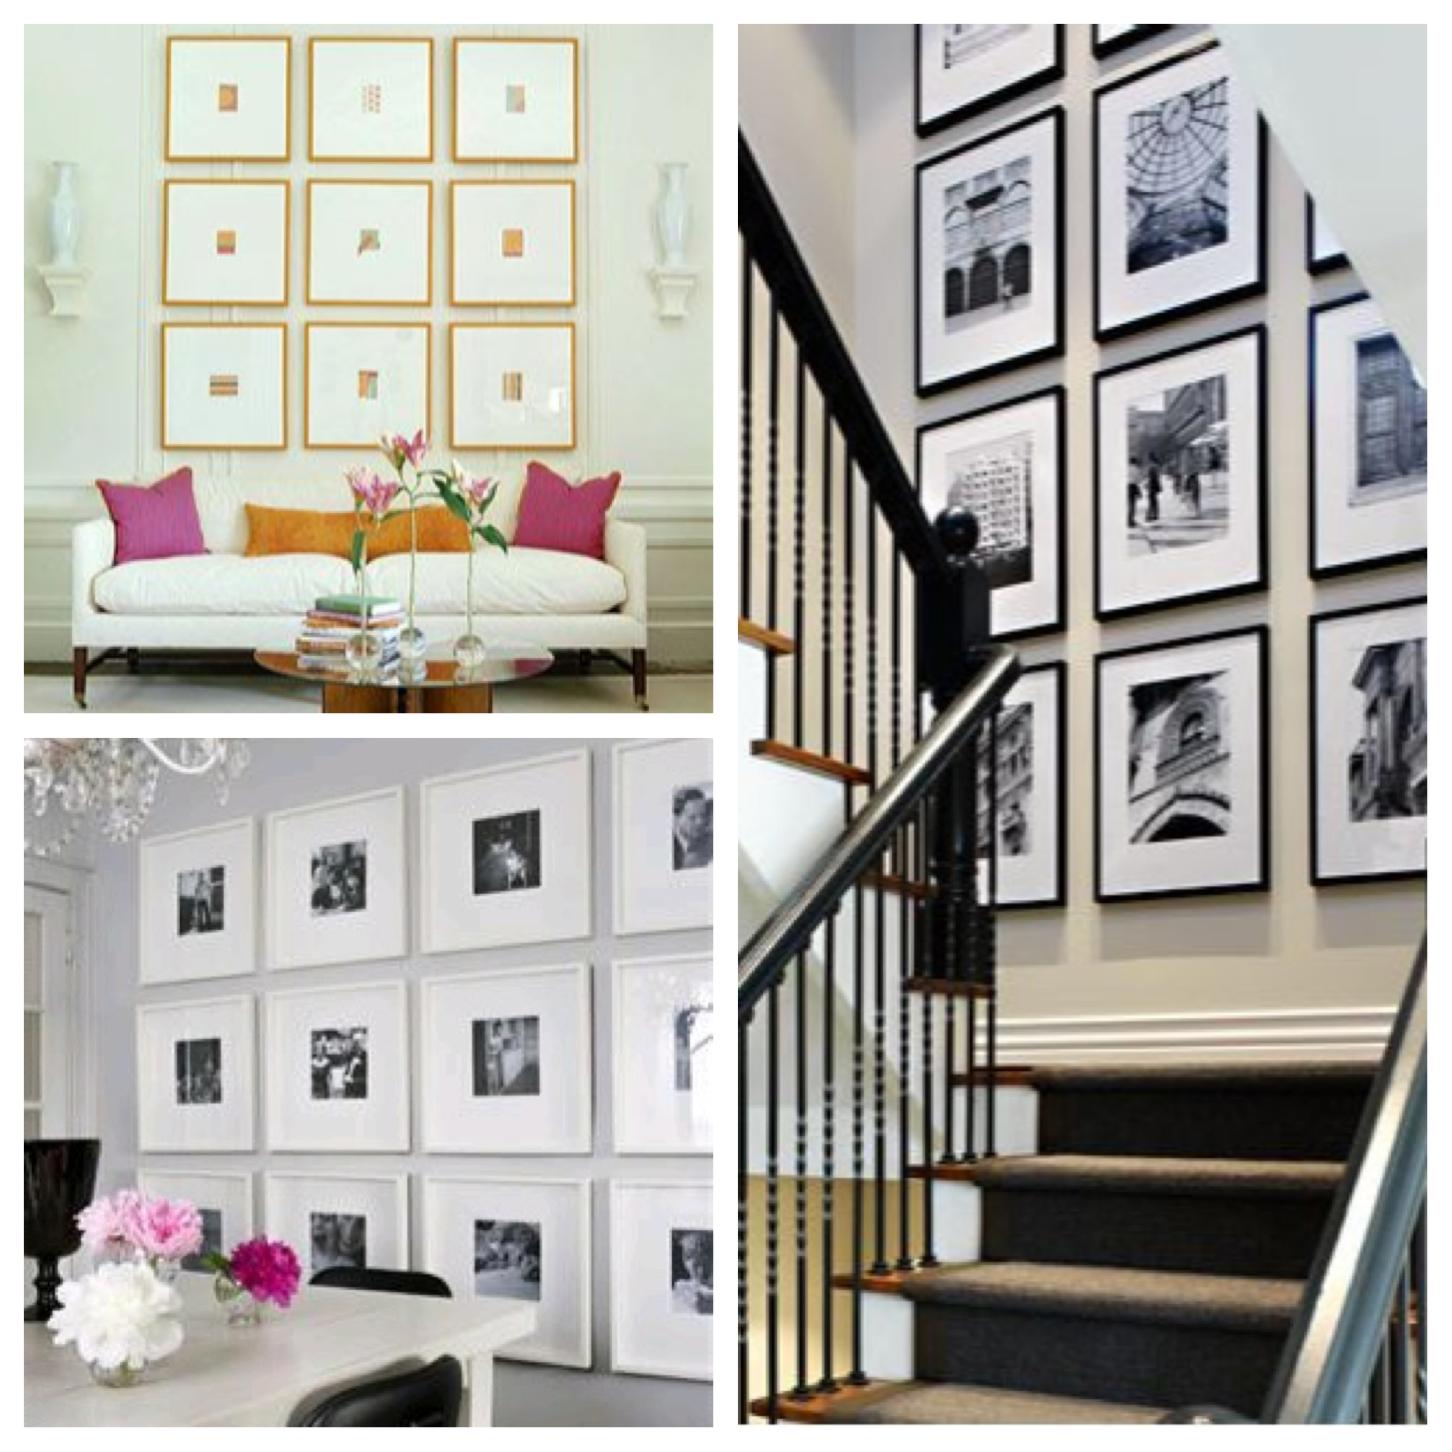 Designing On Wall: Come Cambiare Casa Senza Muoversi Da Casa